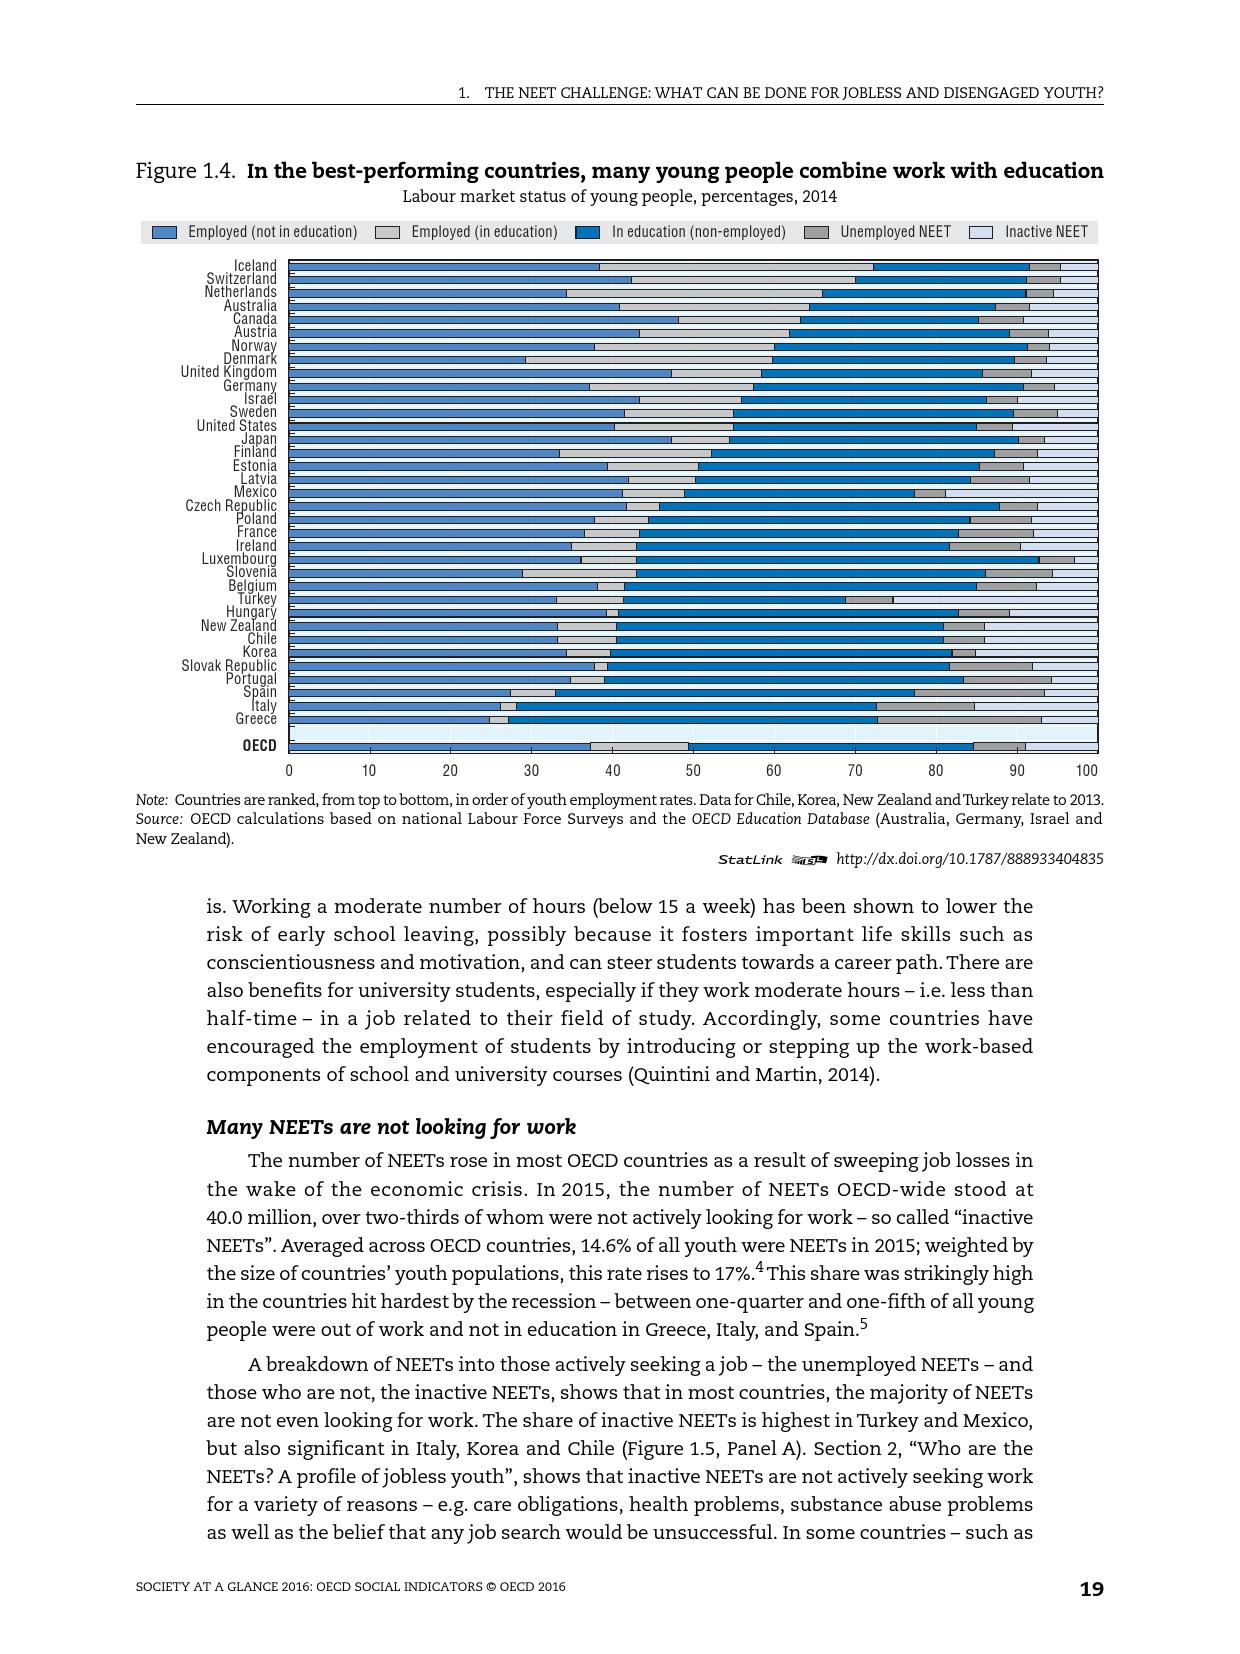 2016年OECD国家社会概览报告_000021